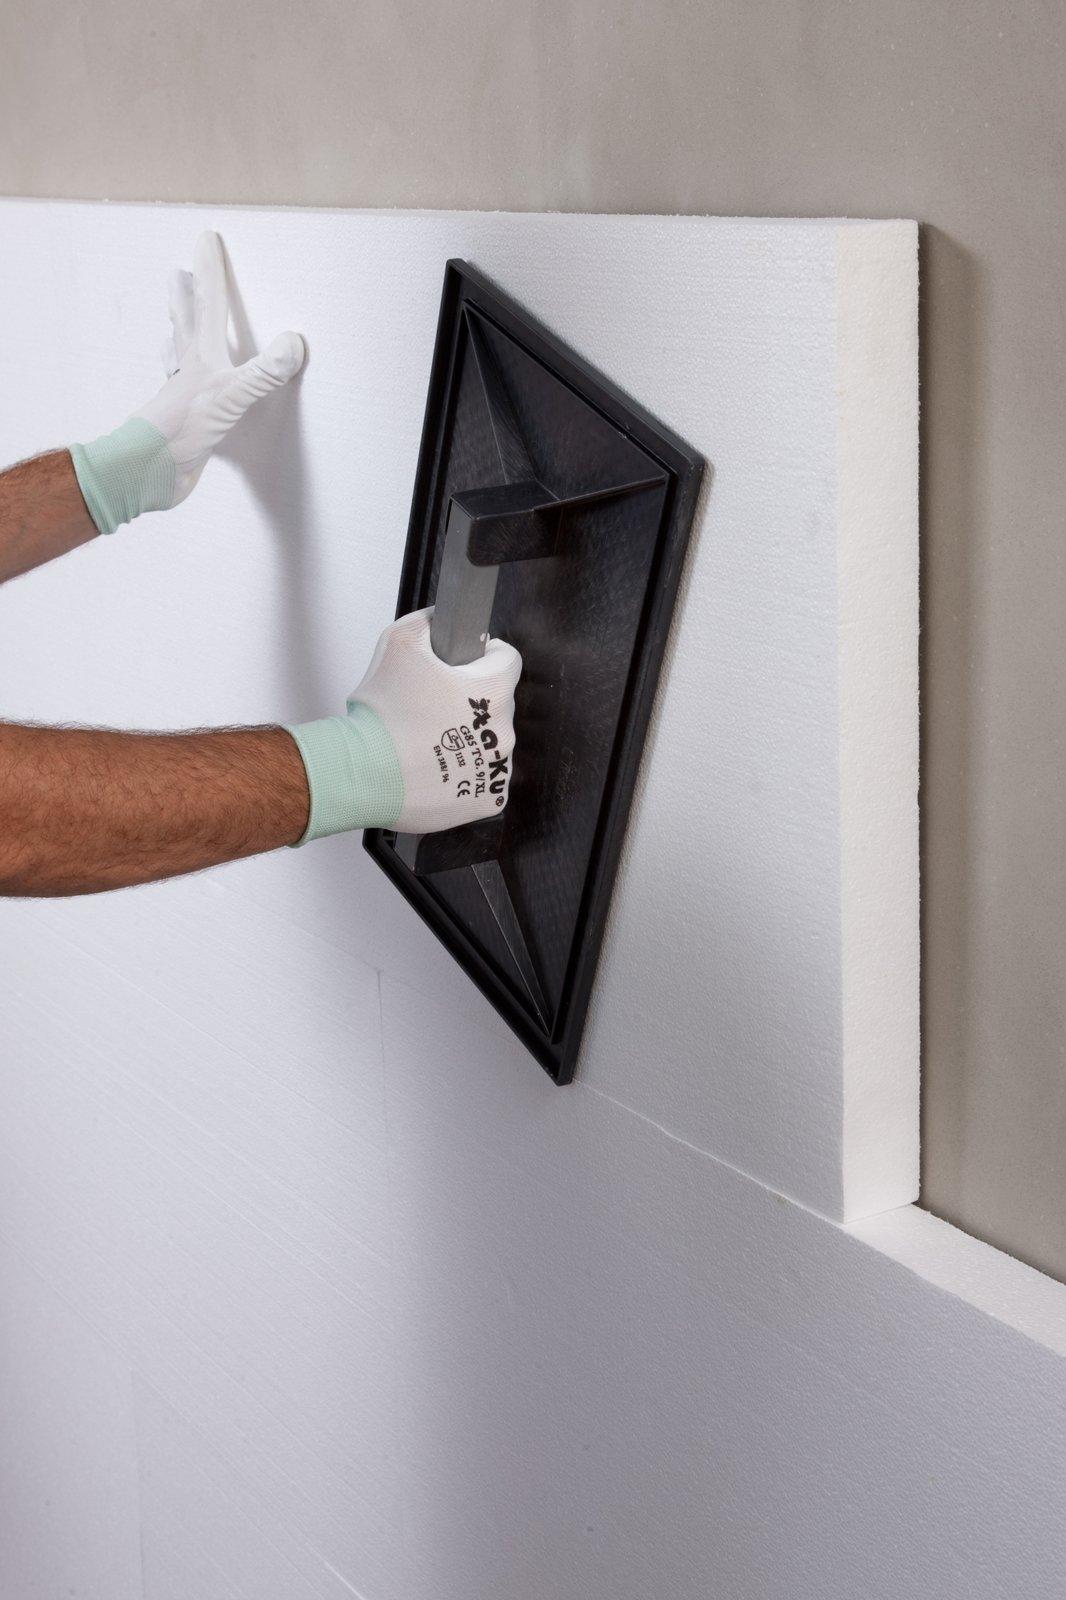 Isolamento termico per migliorare la casa cose di casa - Isolamento termico soffitto interno ...